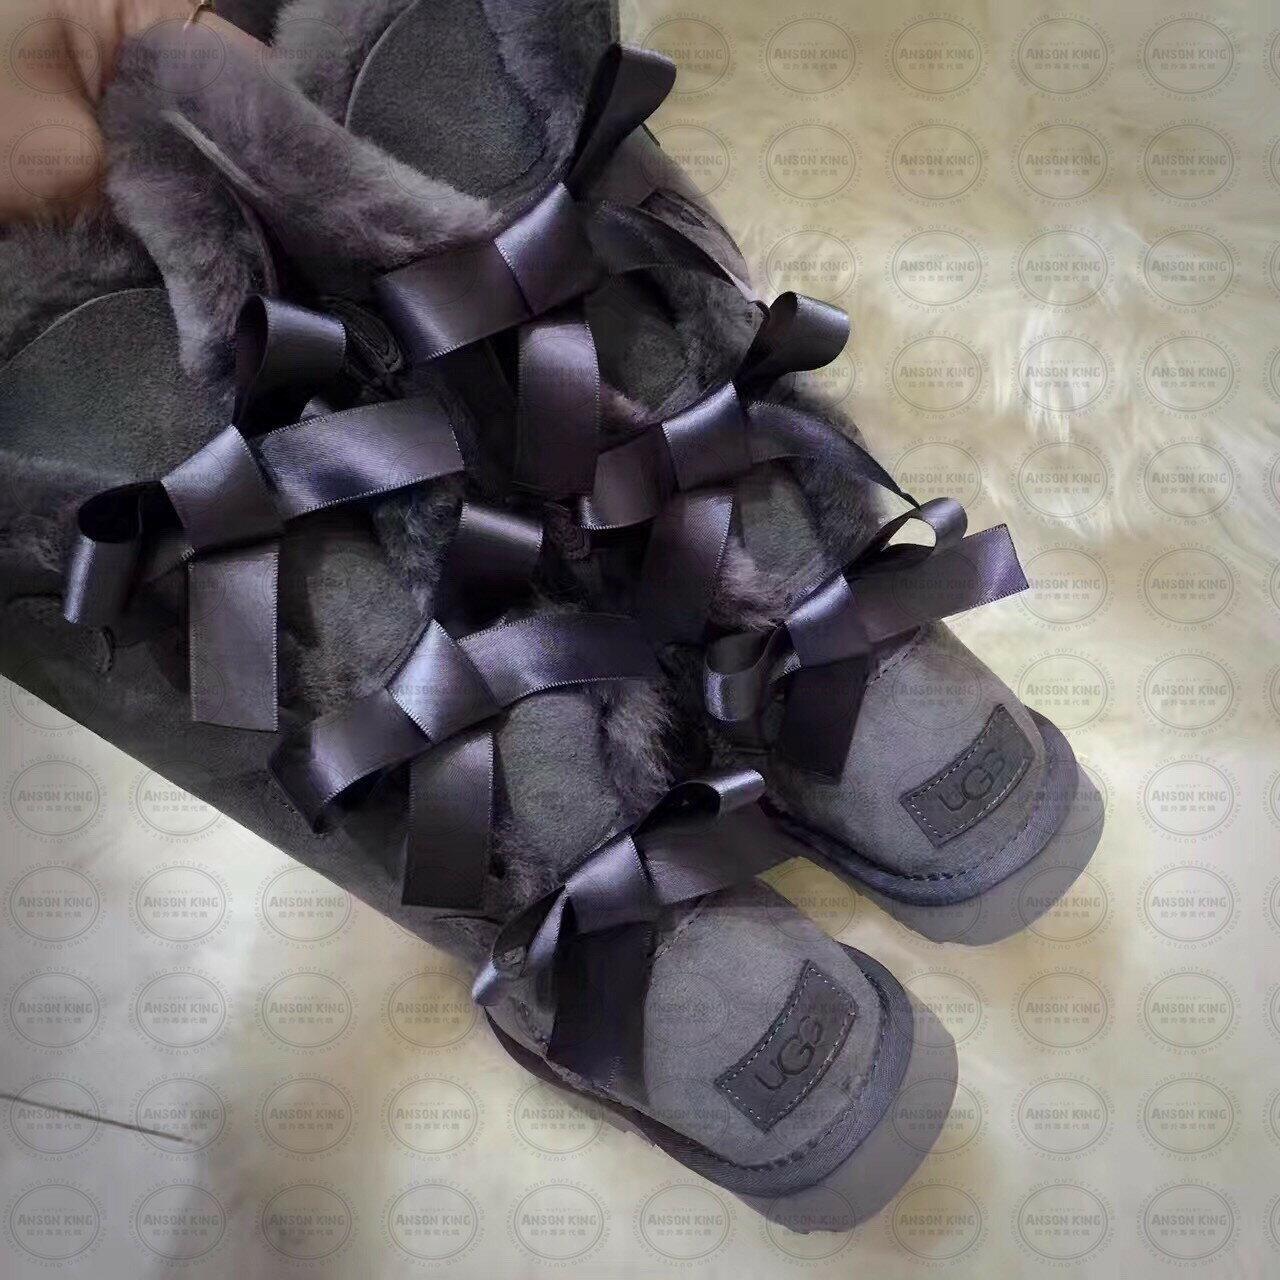 OUTLET正品代購 澳洲 UGG 一體女式絲帶蝴蝶結 保暖 真皮羊皮毛 雪靴 短靴 灰色 4